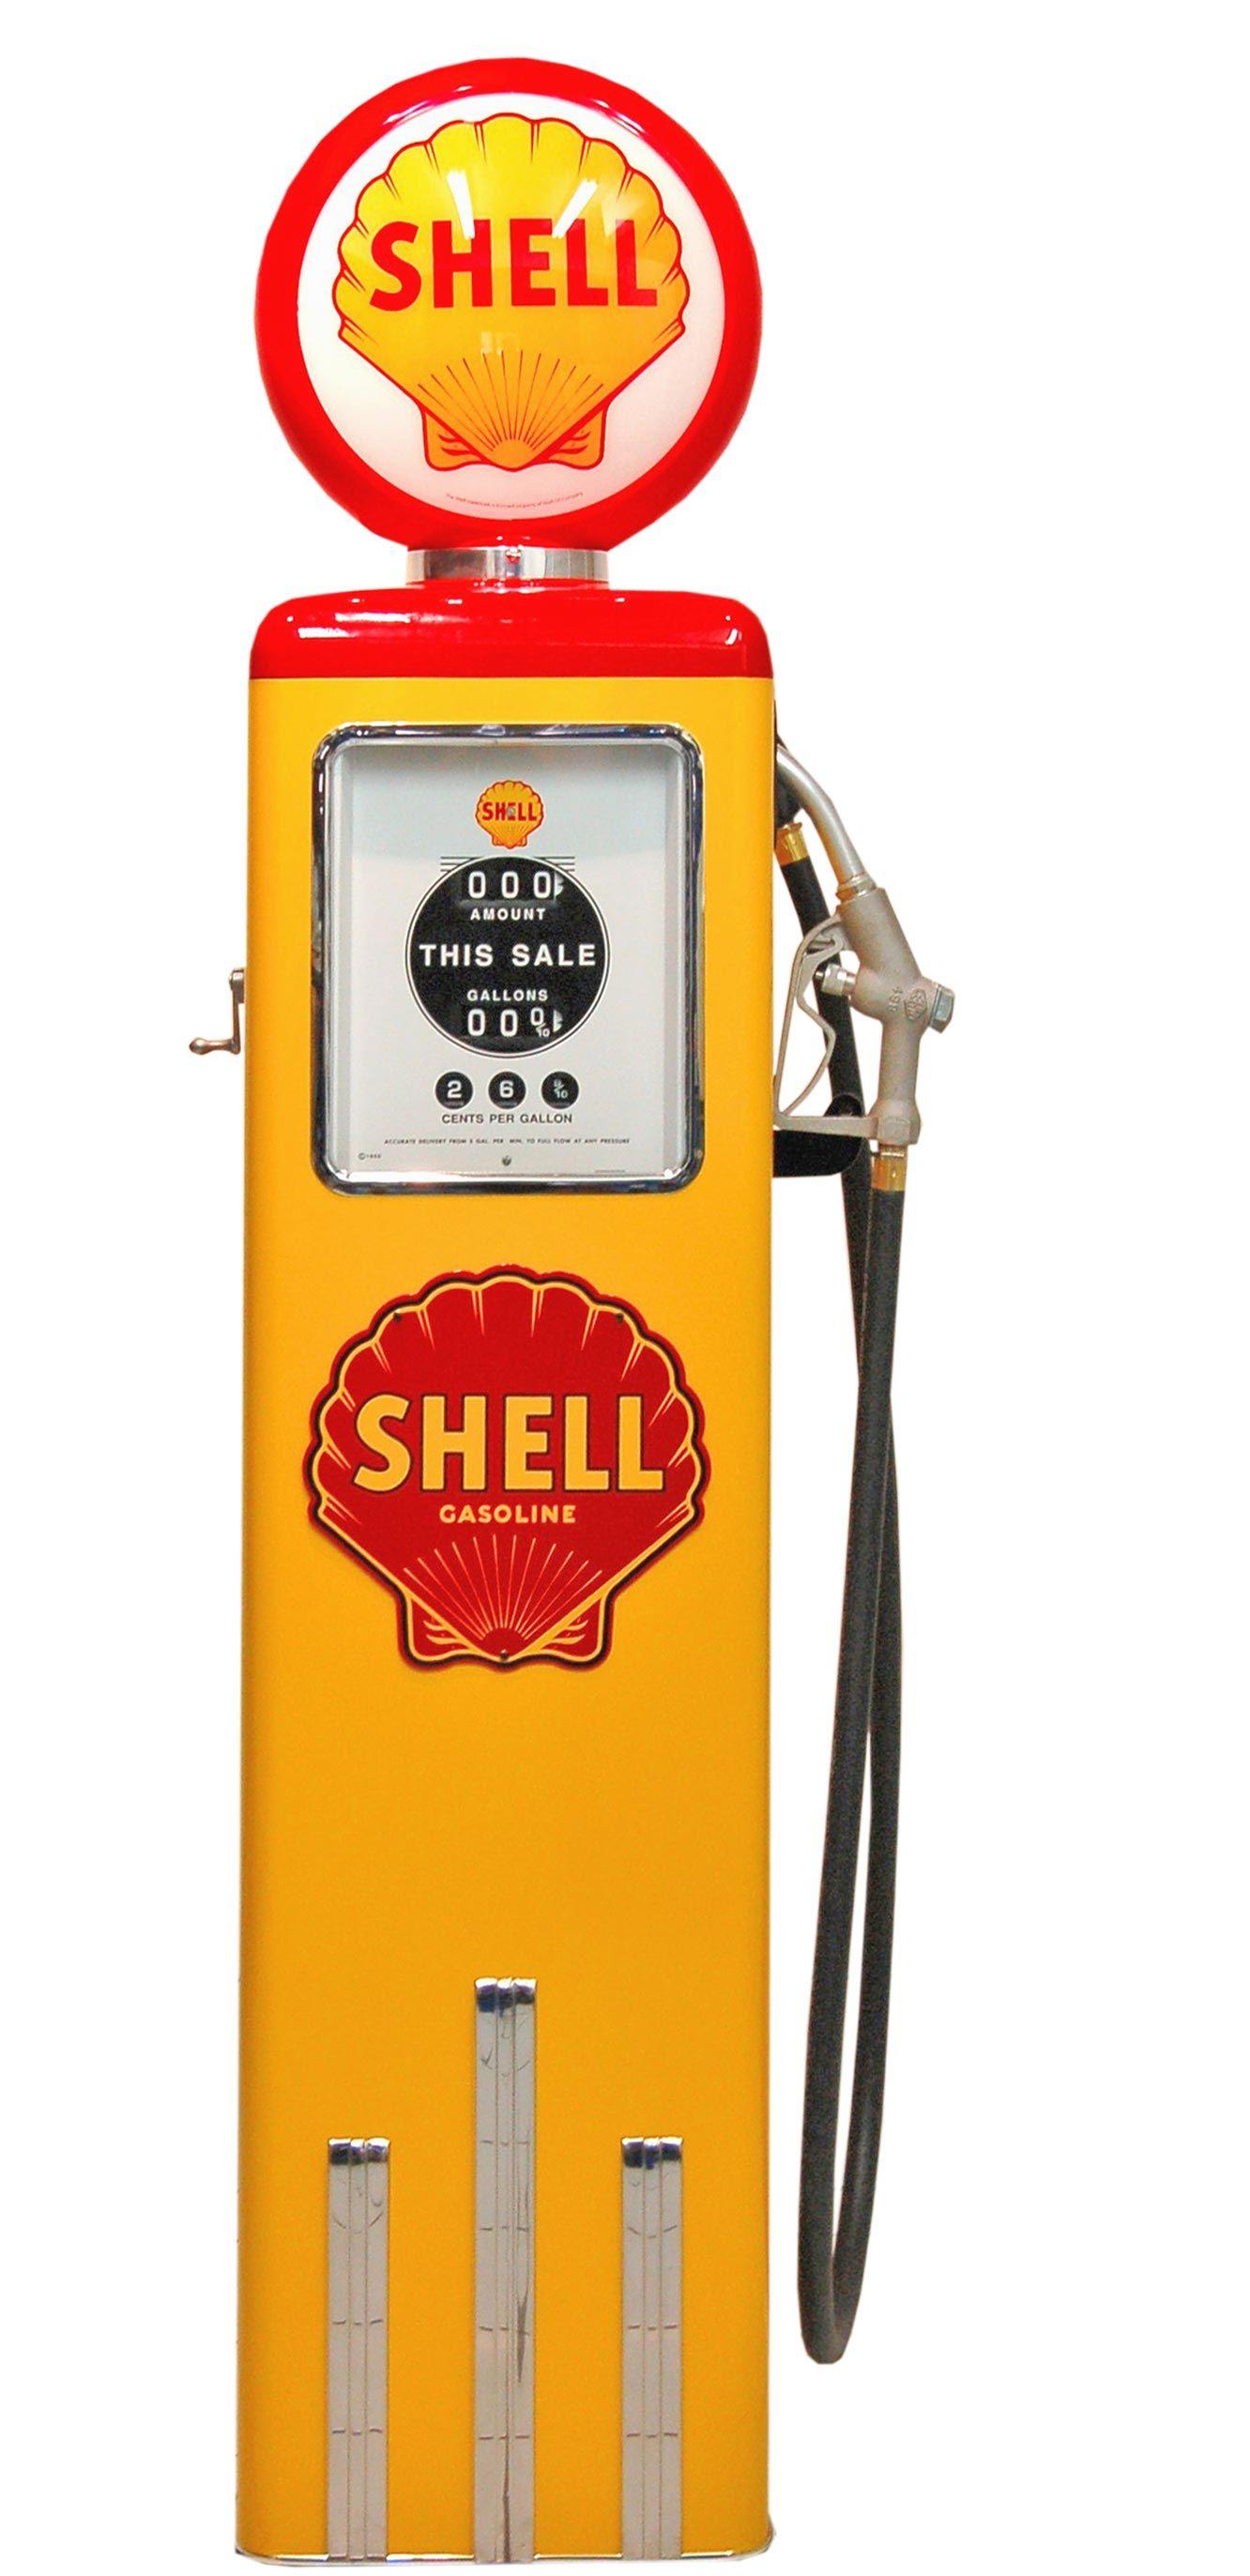 pompe essence d corative shell jaune et rouge r plique d 39 une 8 ball des ann es 50 39 s aux usa. Black Bedroom Furniture Sets. Home Design Ideas